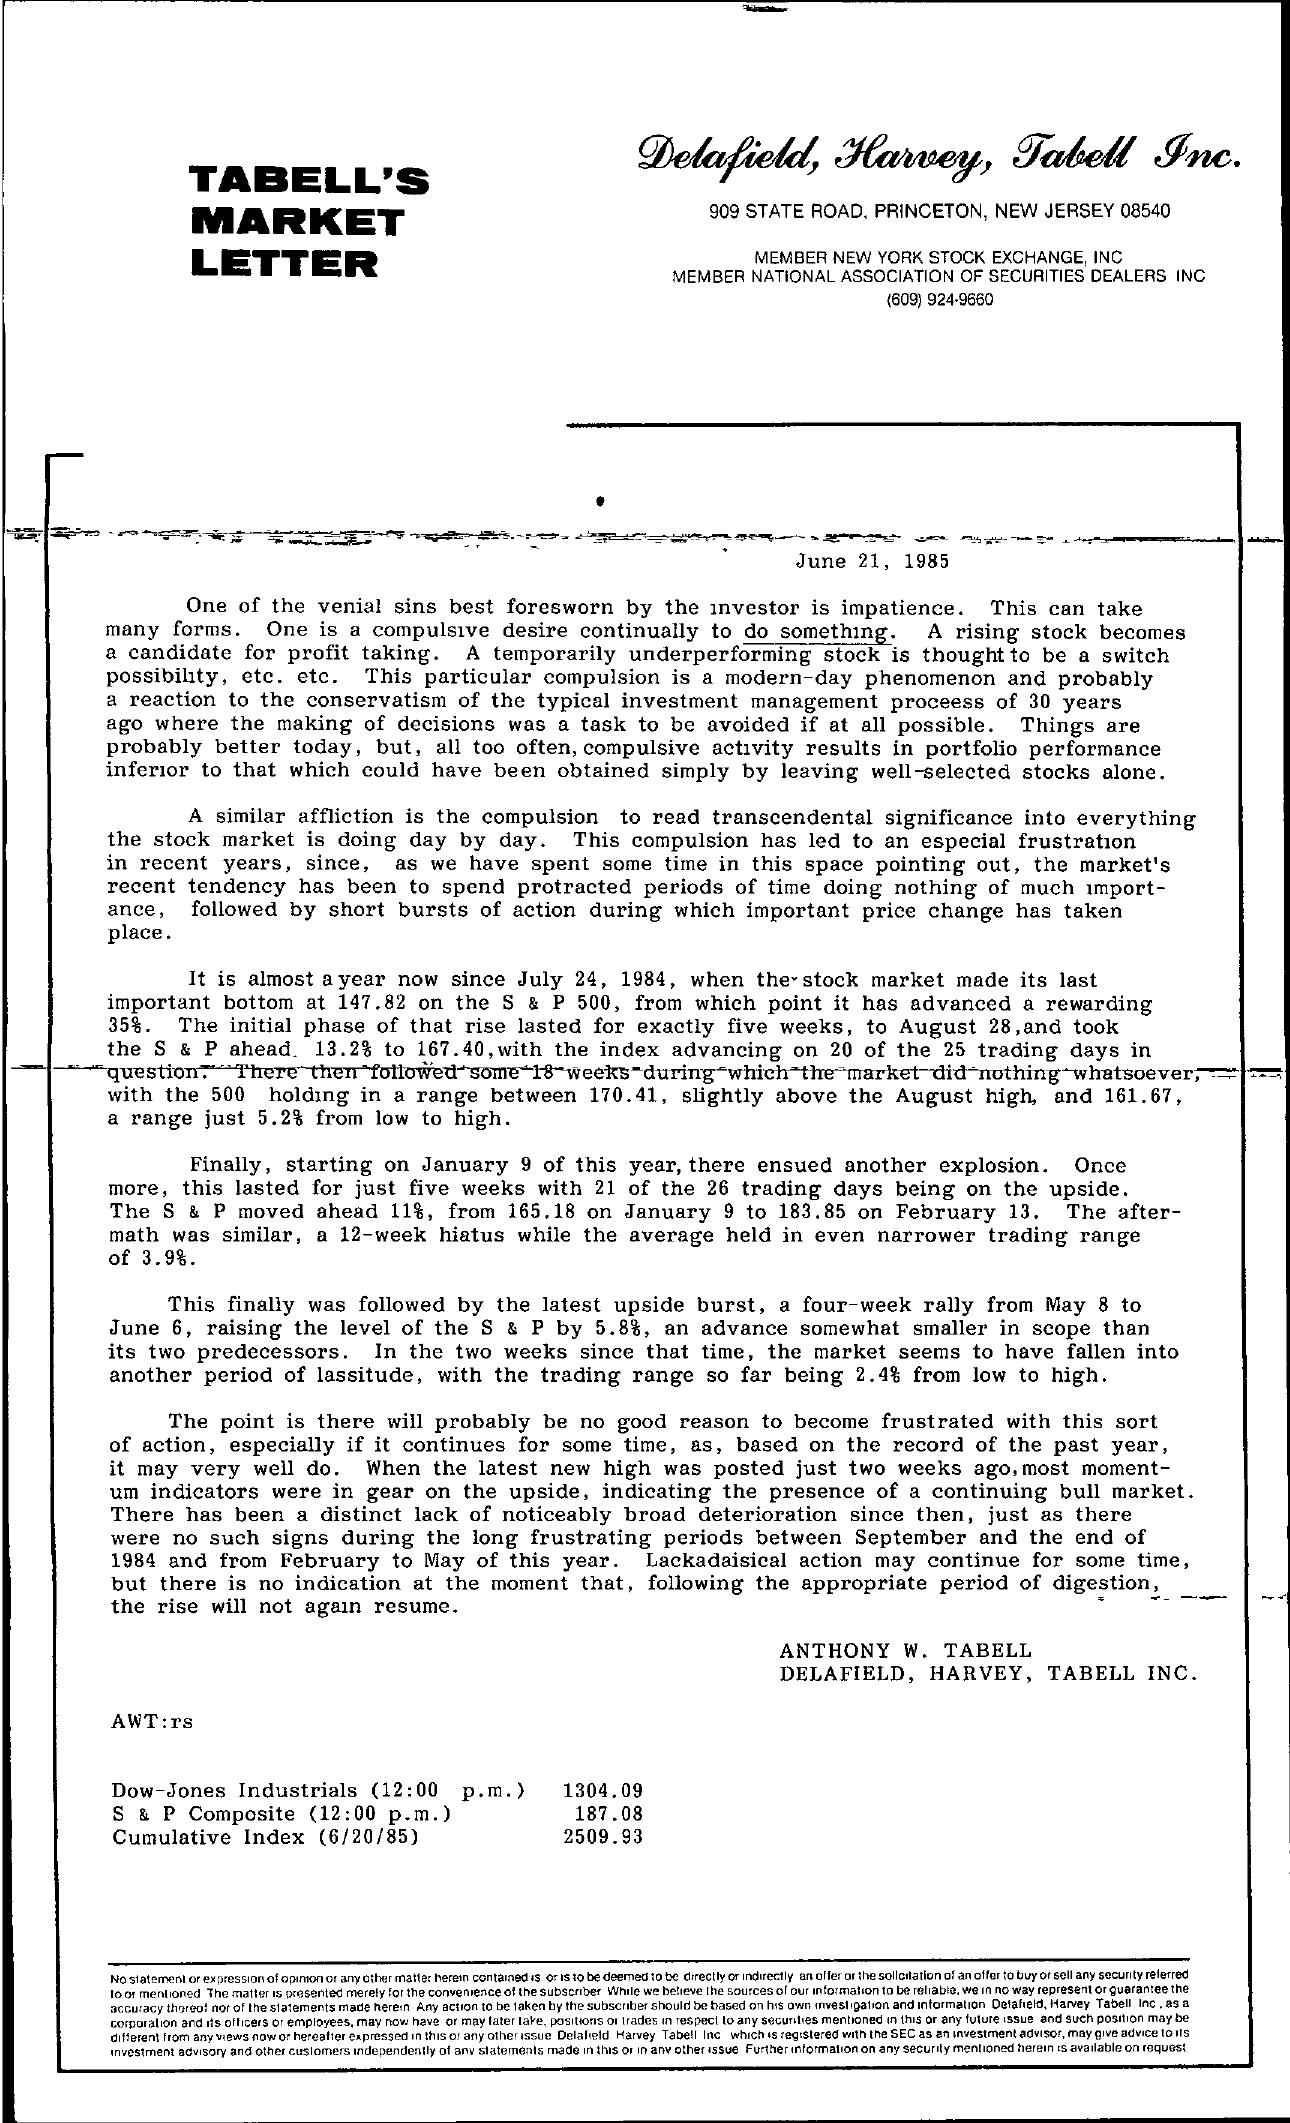 Tabell's Market Letter - June 21, 1985